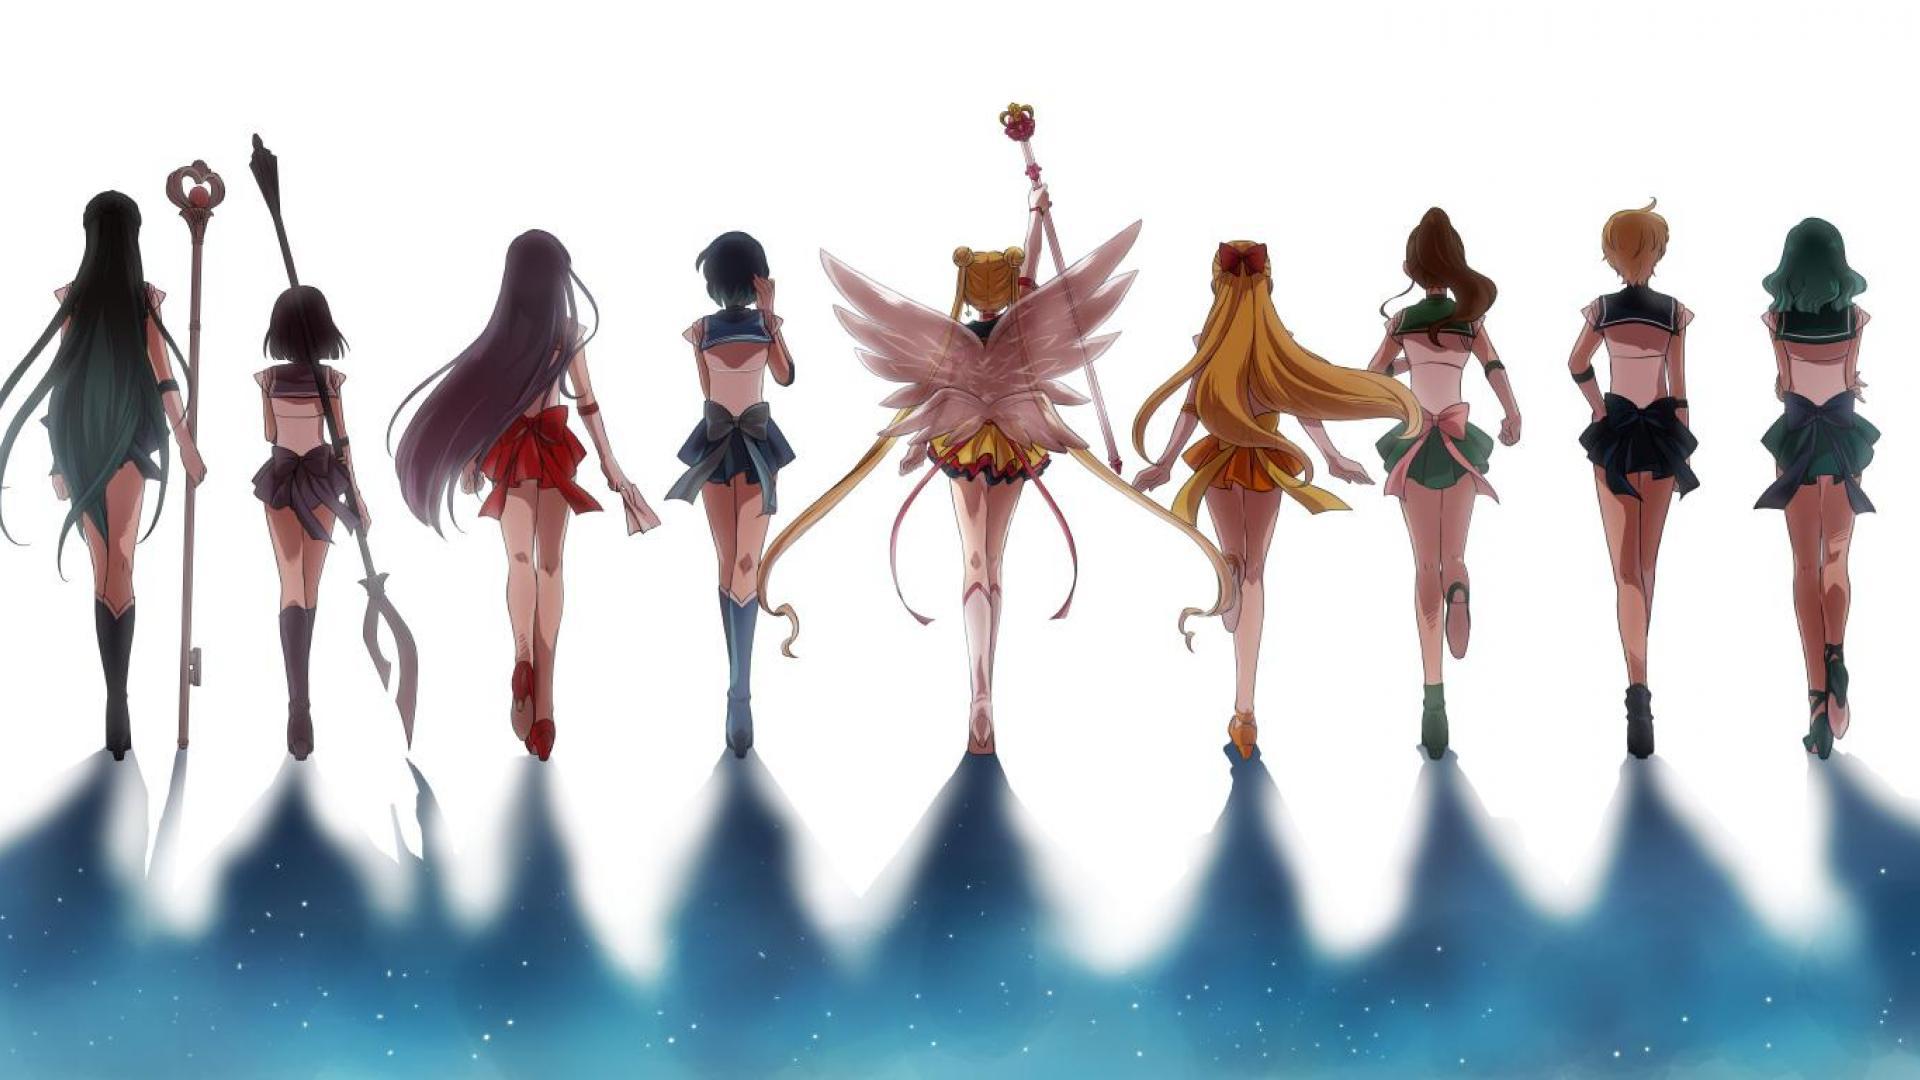 Sailor Moon Desktop Wallpaper - WallpaperSafari